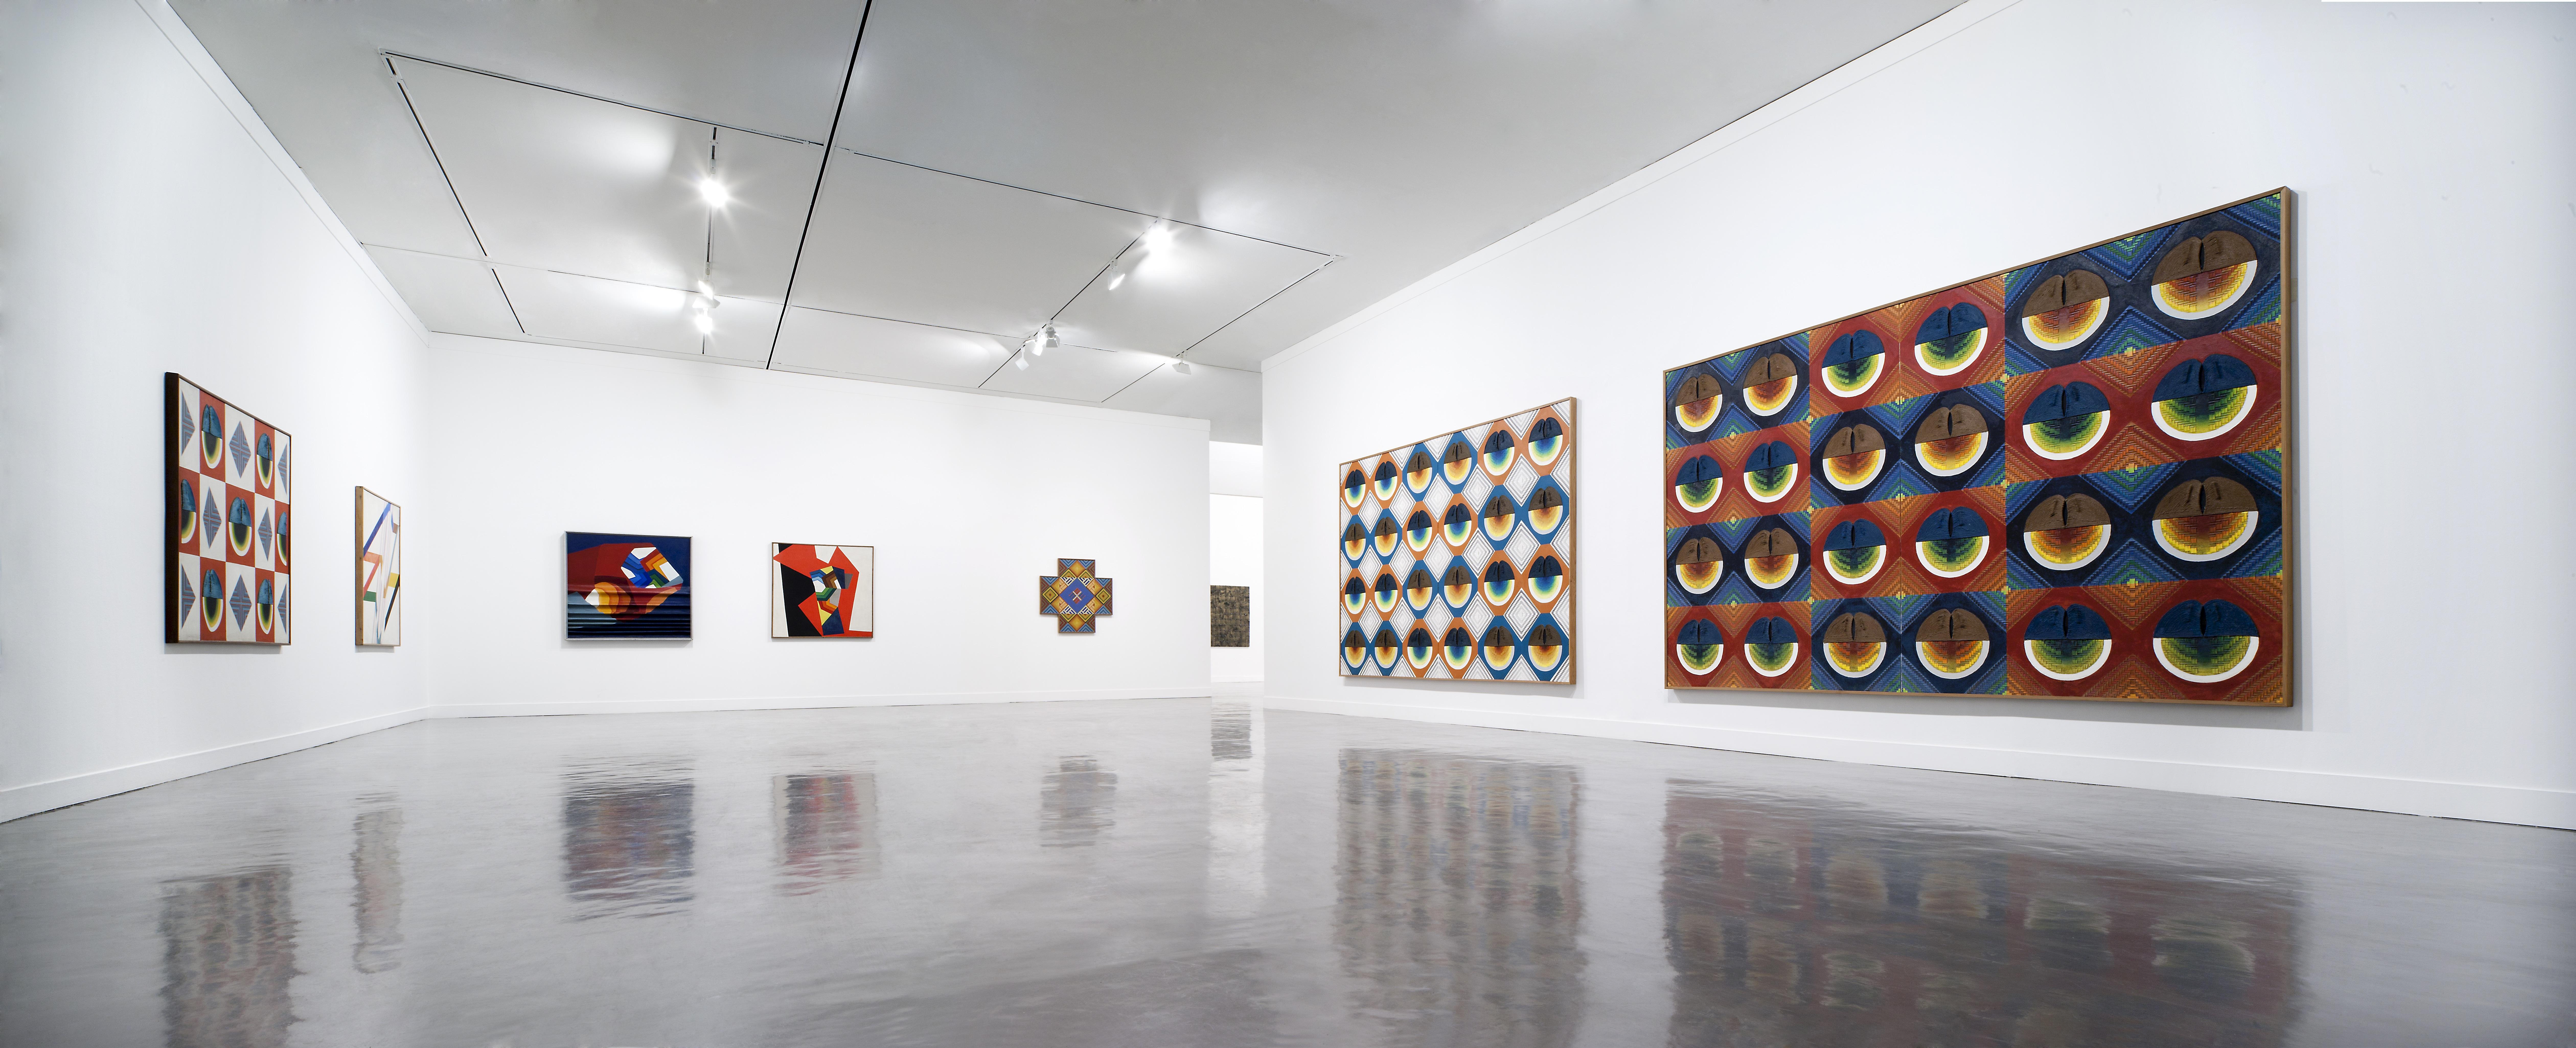 Installation View of Ha Chong-Hyun Retrospective at NMOCA, 2012